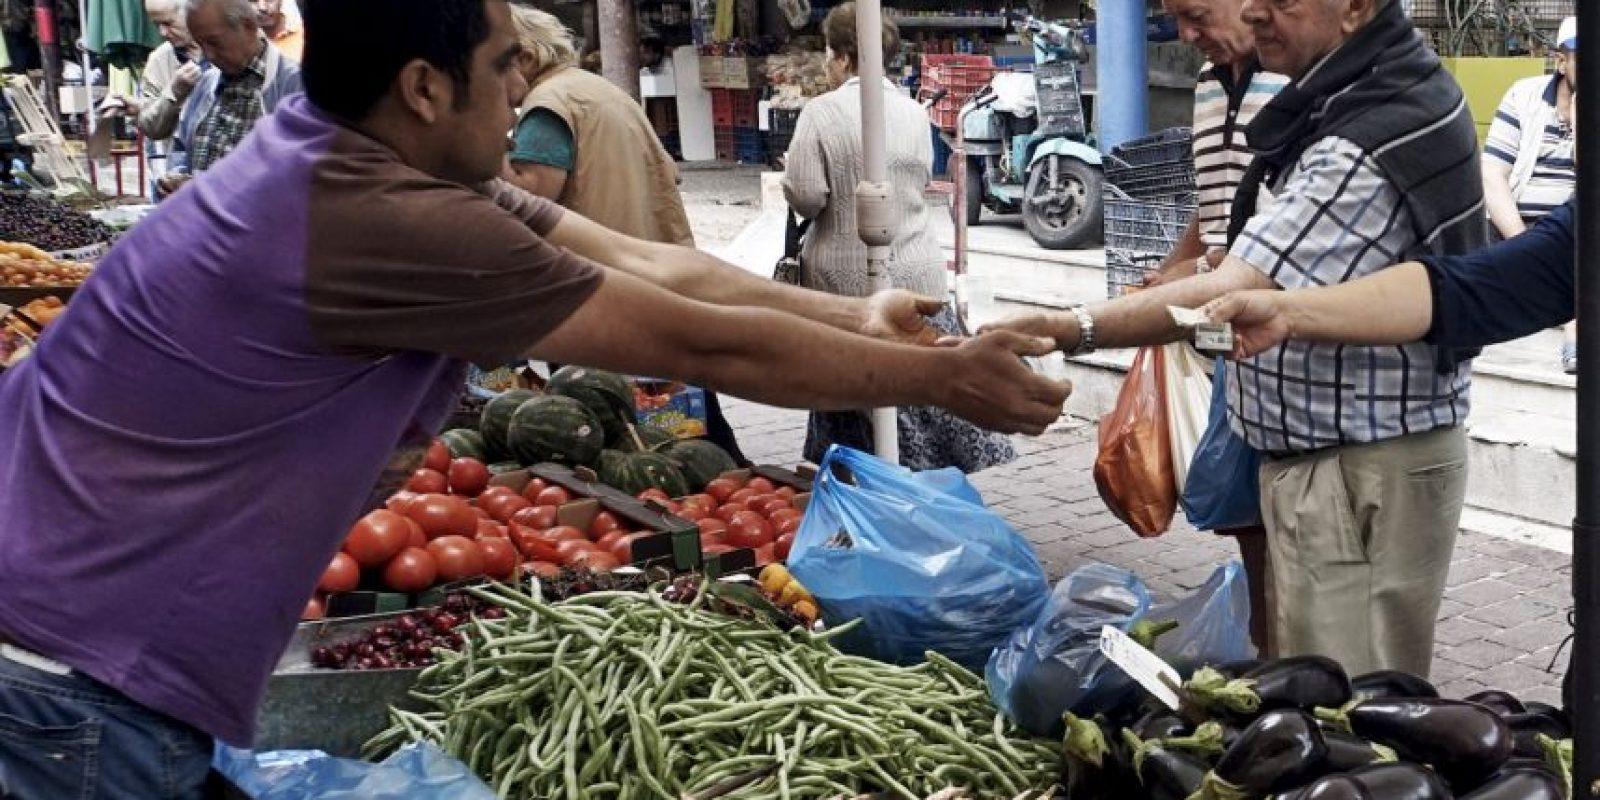 – La finalidad de estas negociaciones entre Grecia y la Troika (integrada por el Fondo Monetario Internacional, Banco Central Europeo y la Comisión Europea) tiene la finalidad de conceder ayuda financiera a un país que está en bancarrota. Foto:Getty Images